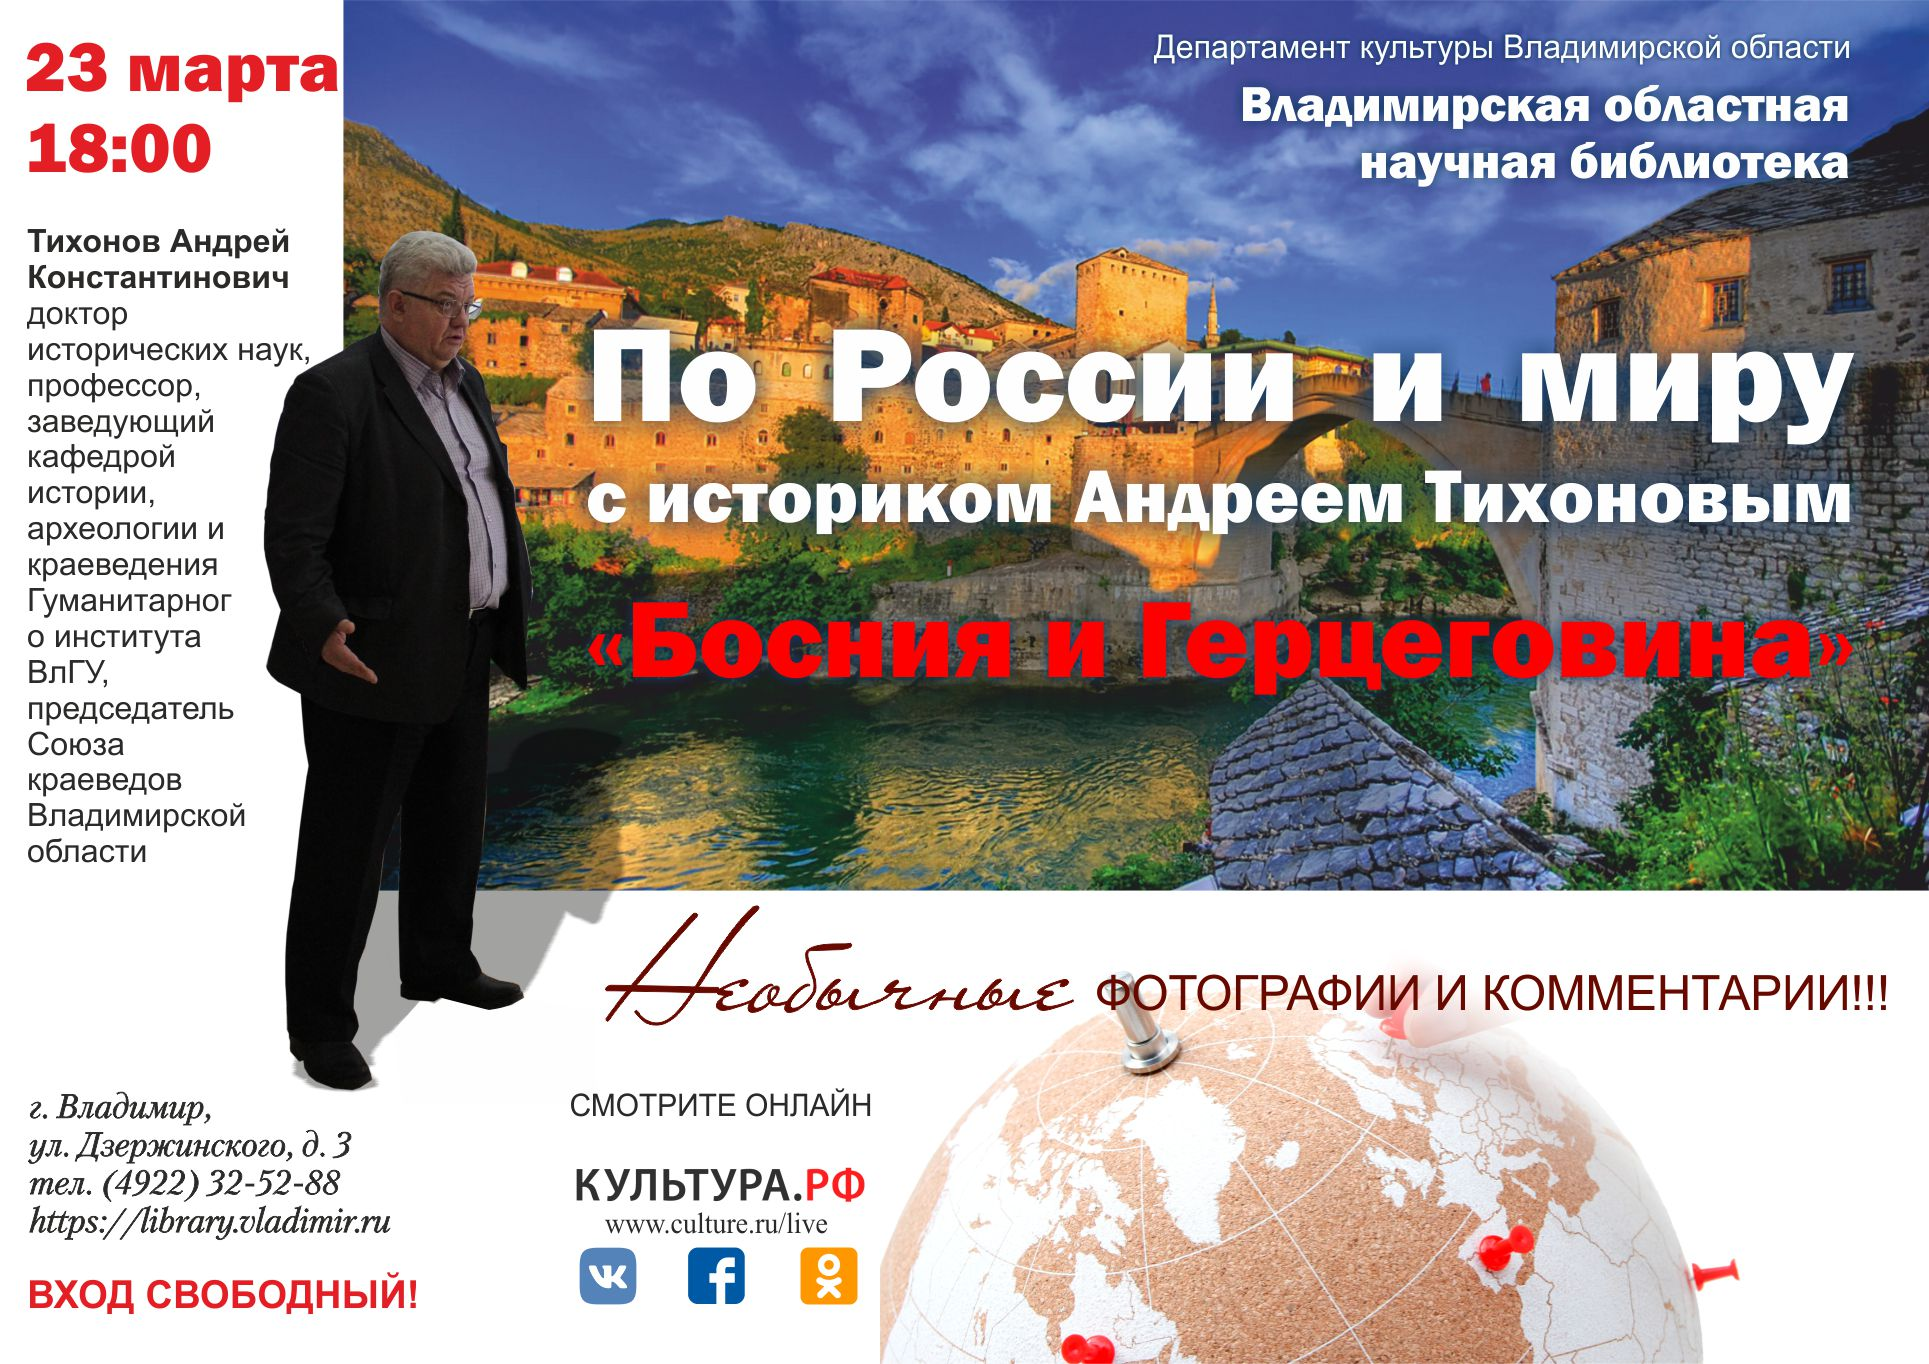 Босния и Герцеговина с Андреем Тихоновым